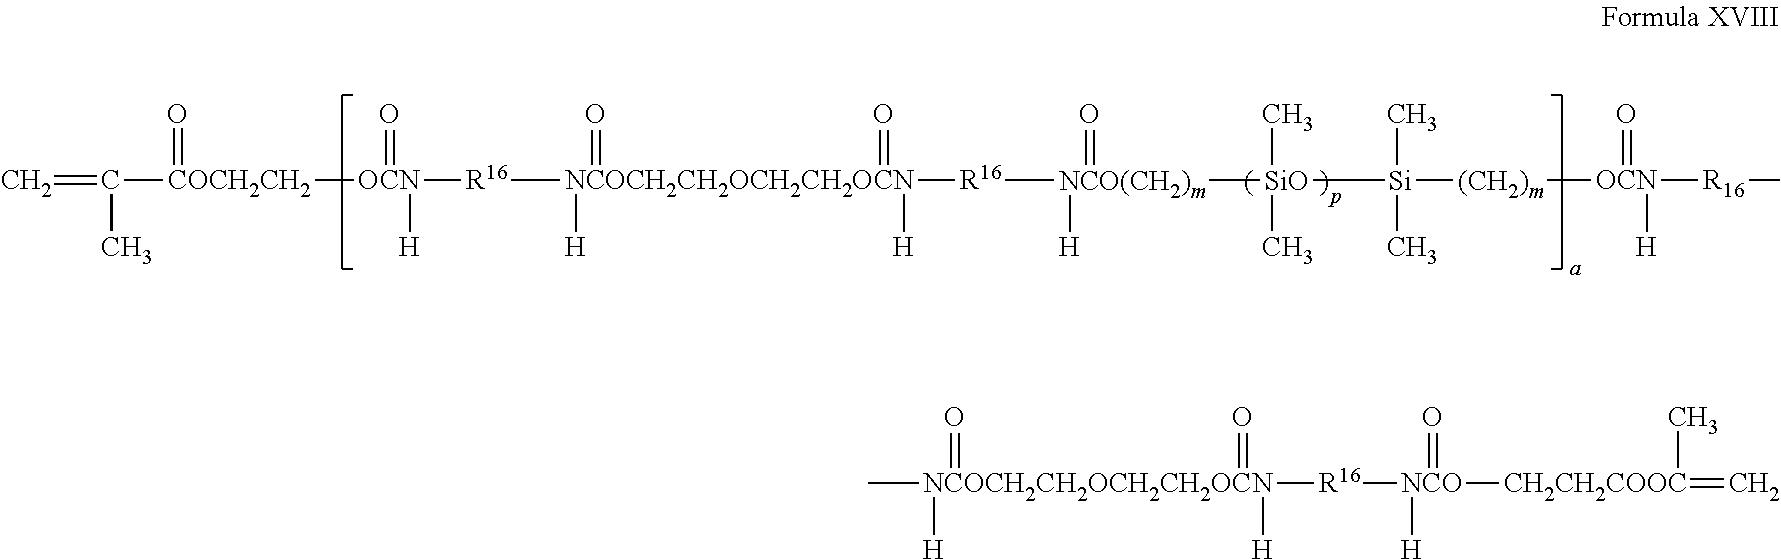 Figure US09815979-20171114-C00023